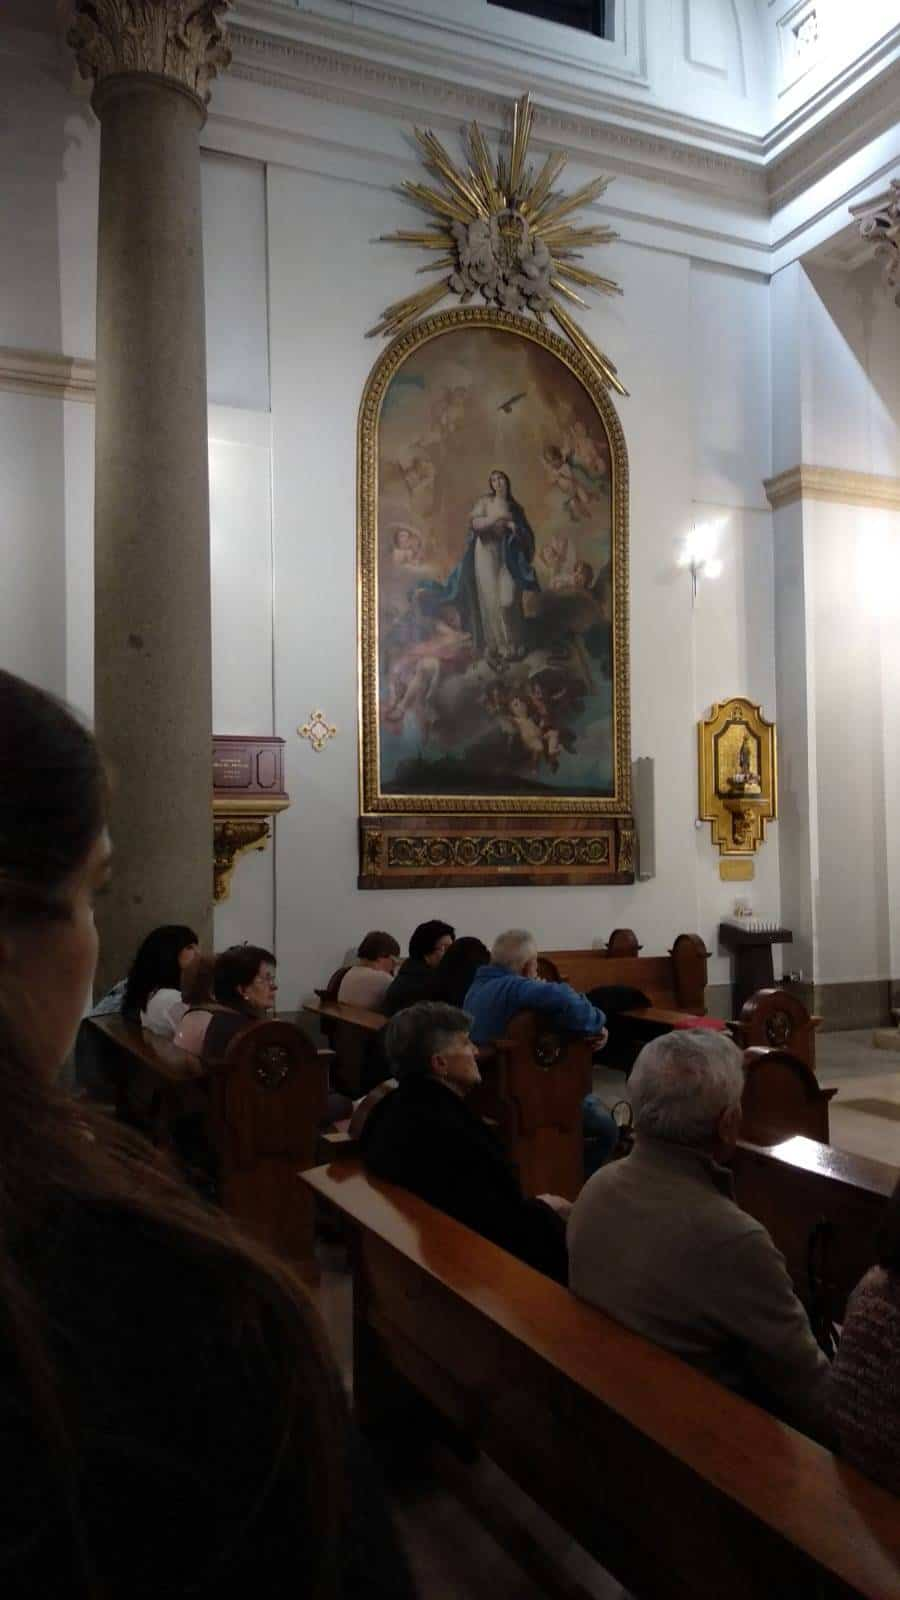 Visita al oratorio del Caballero de Gracia de Madrid2 - La parroquia de Herencia visita el Oratorio del Caballero de Gracia y 33 El Musical